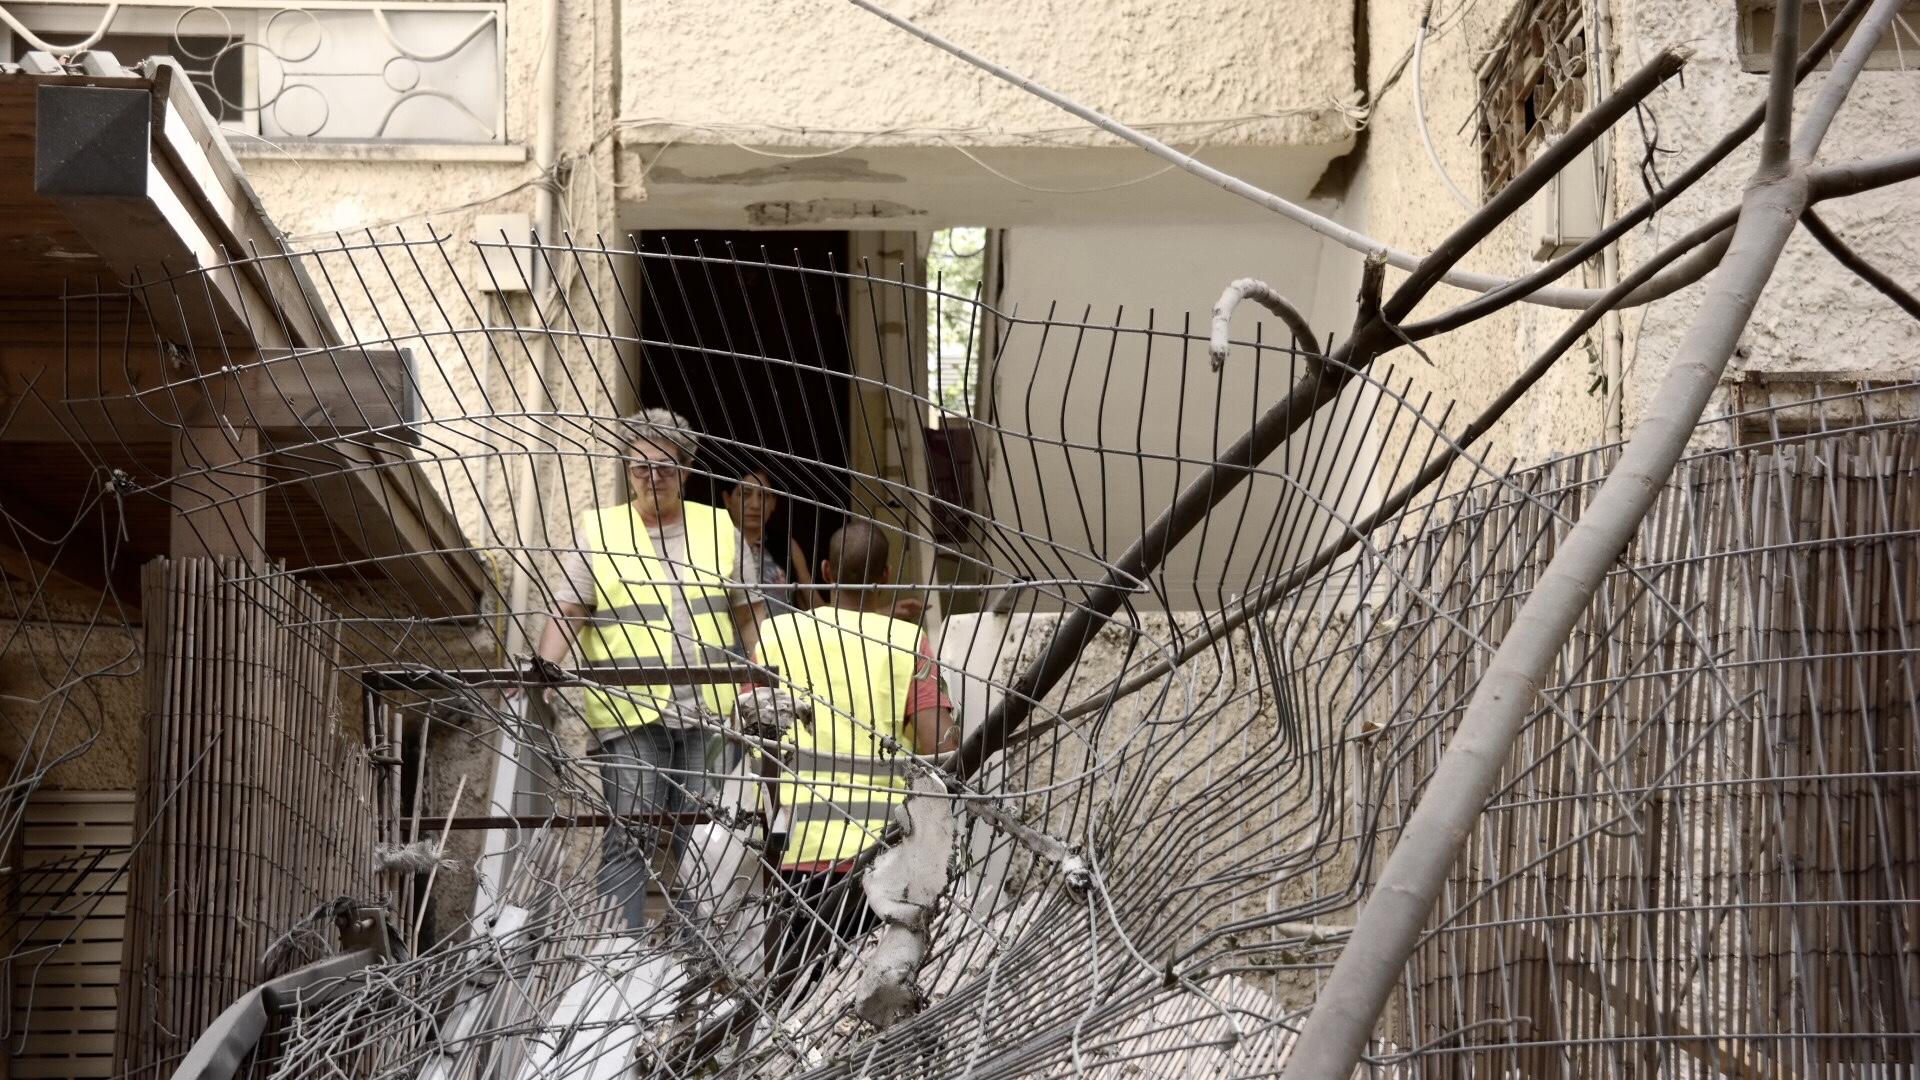 Сдерот. Воронка от снаряд, упавшего рядом с детским садом. Фото Елены Шафран